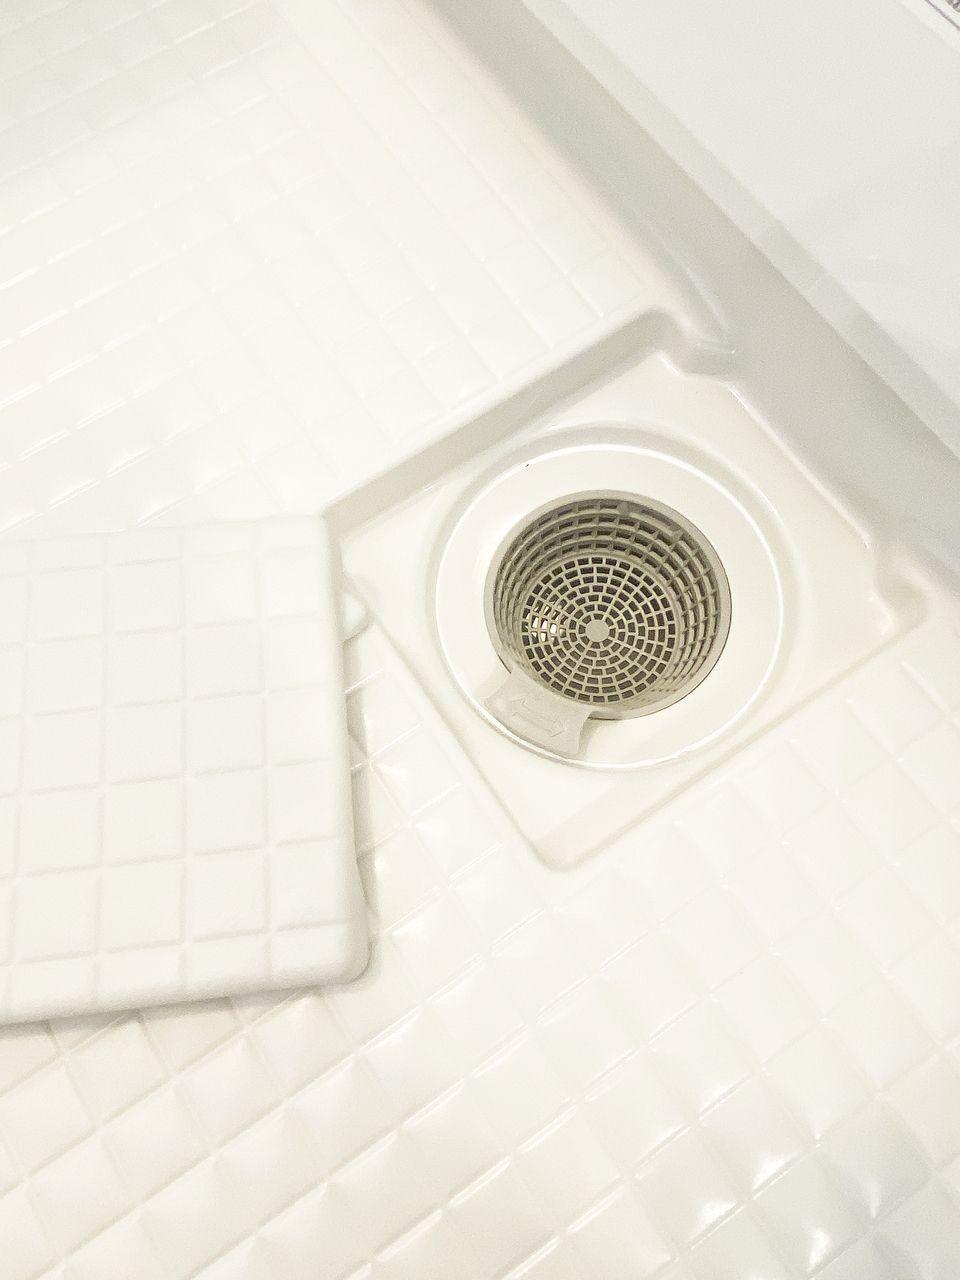 浴槽排水を利用した強いうずが、汚れを流します。